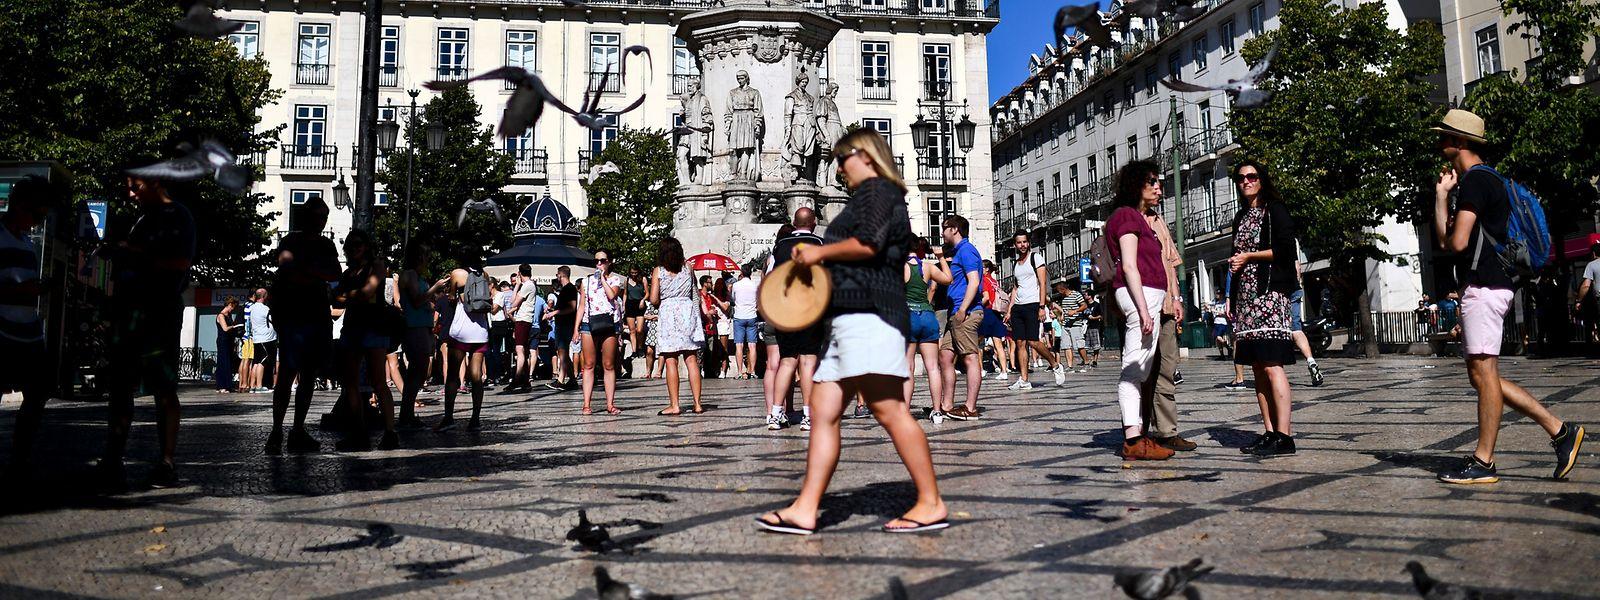 Quelque 8.000 résidents au Portugal touchent une pension venue du Luxembourg, selon les dernières données disponibles.